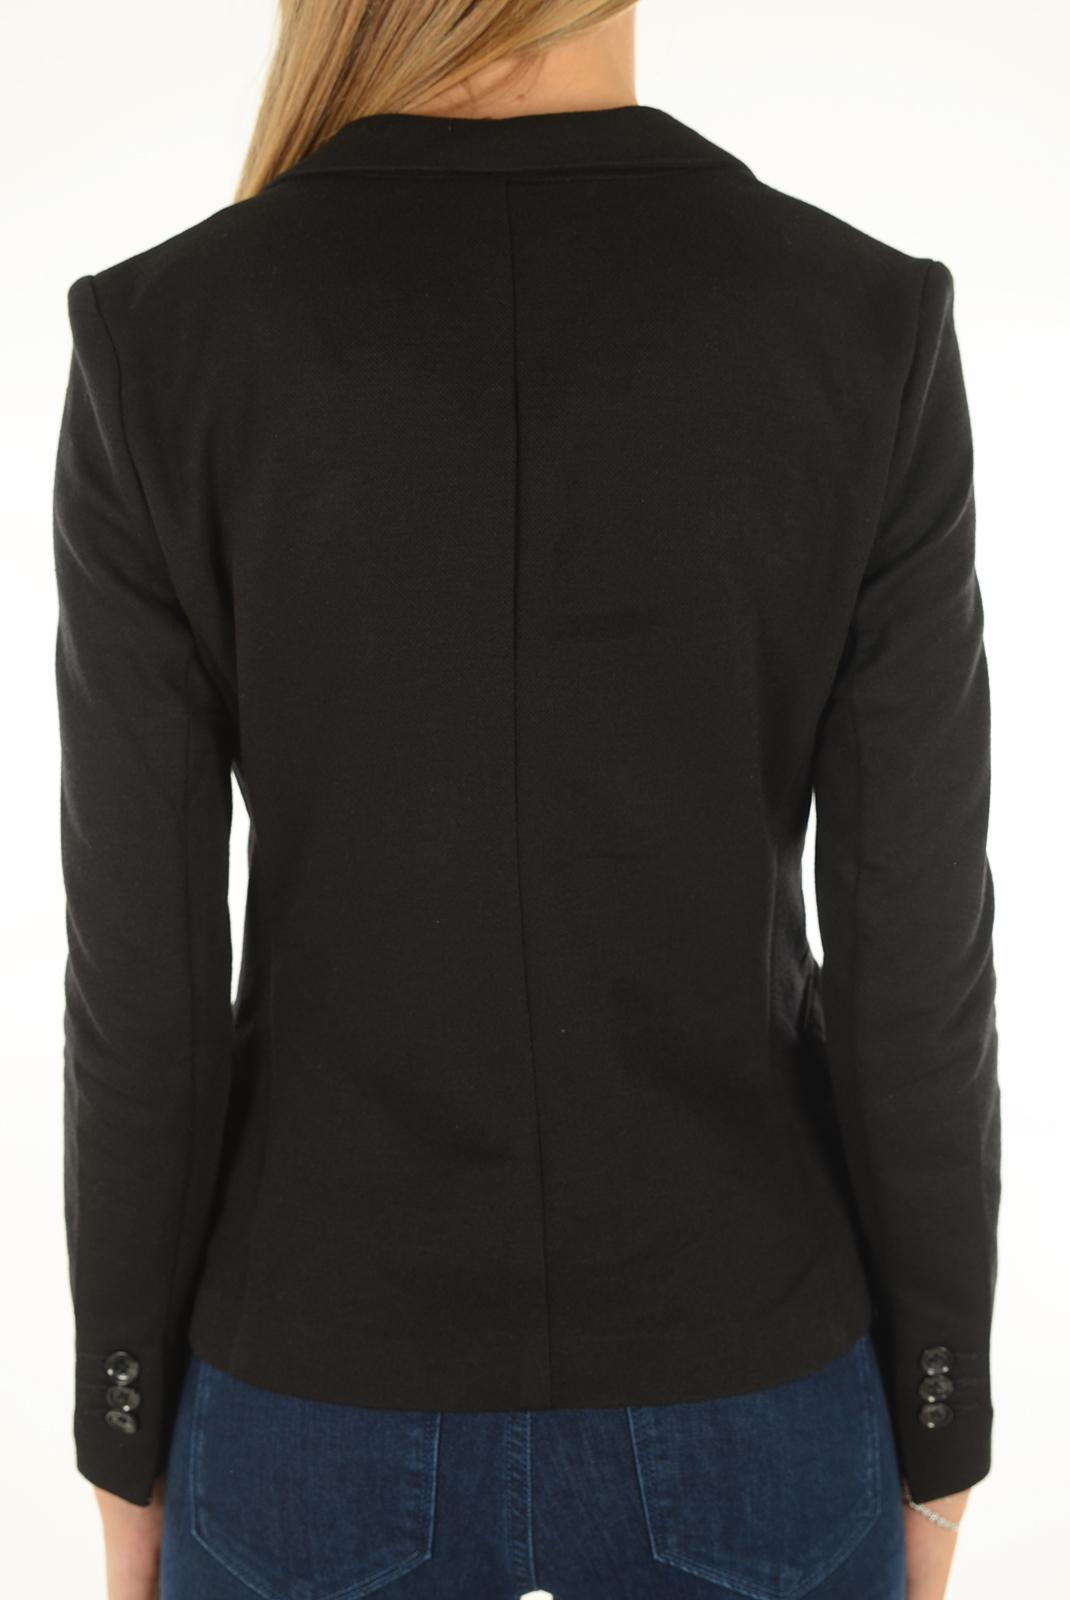 Vestes & blousons  Vero moda JULIA LS BLAZER BLACK